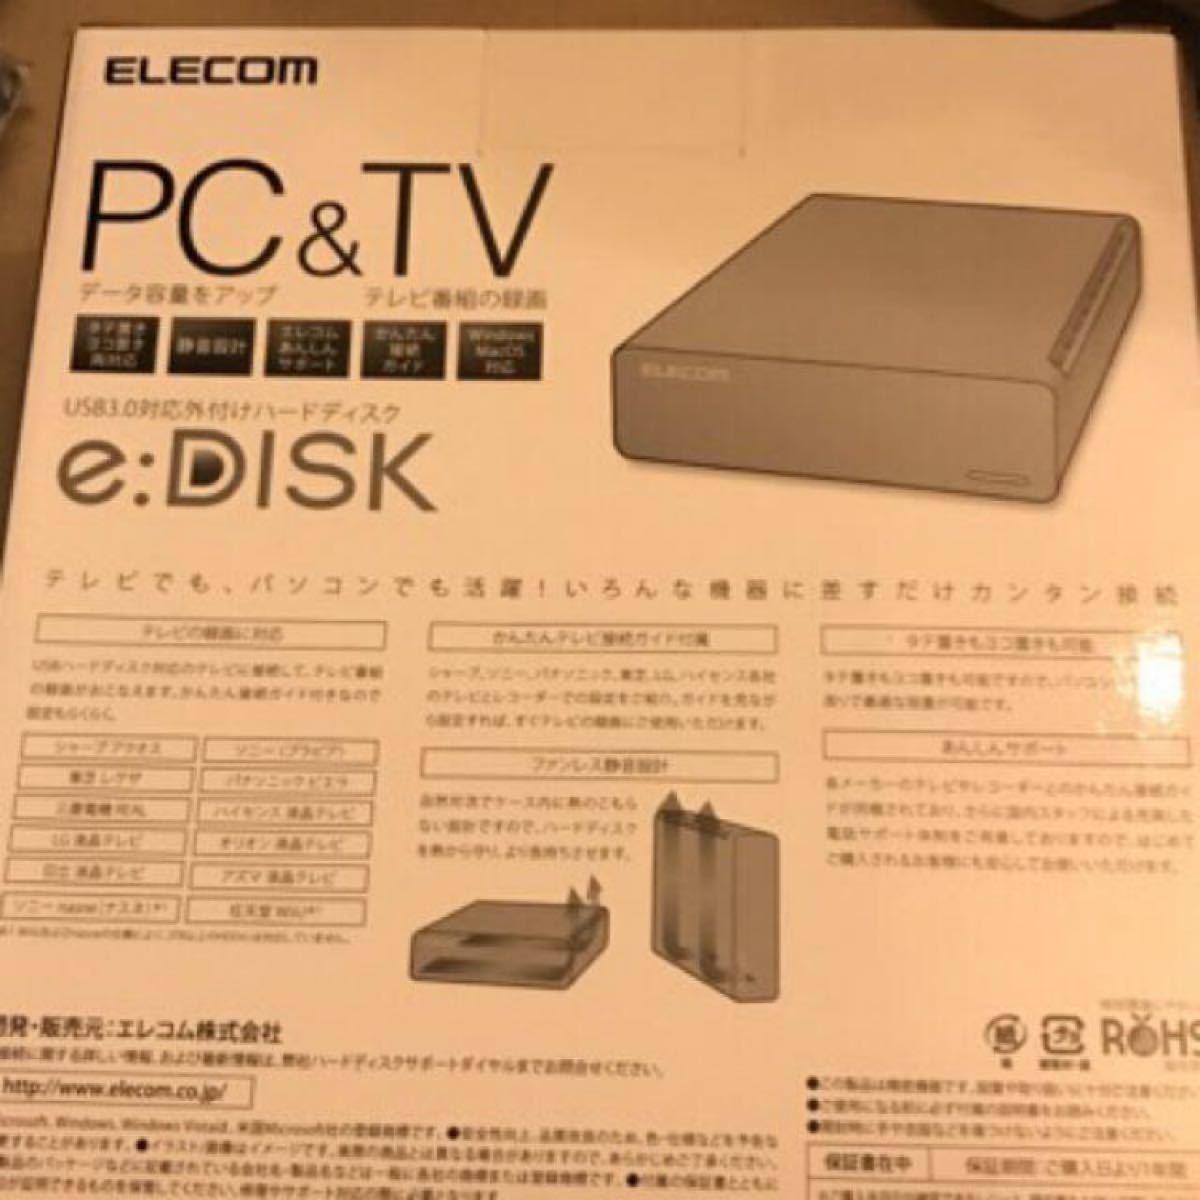 ★新品未使用★エレコム 4TB USB3.0 外付けハードディスクELD-XED040UBK ELECOM 外付けHDD